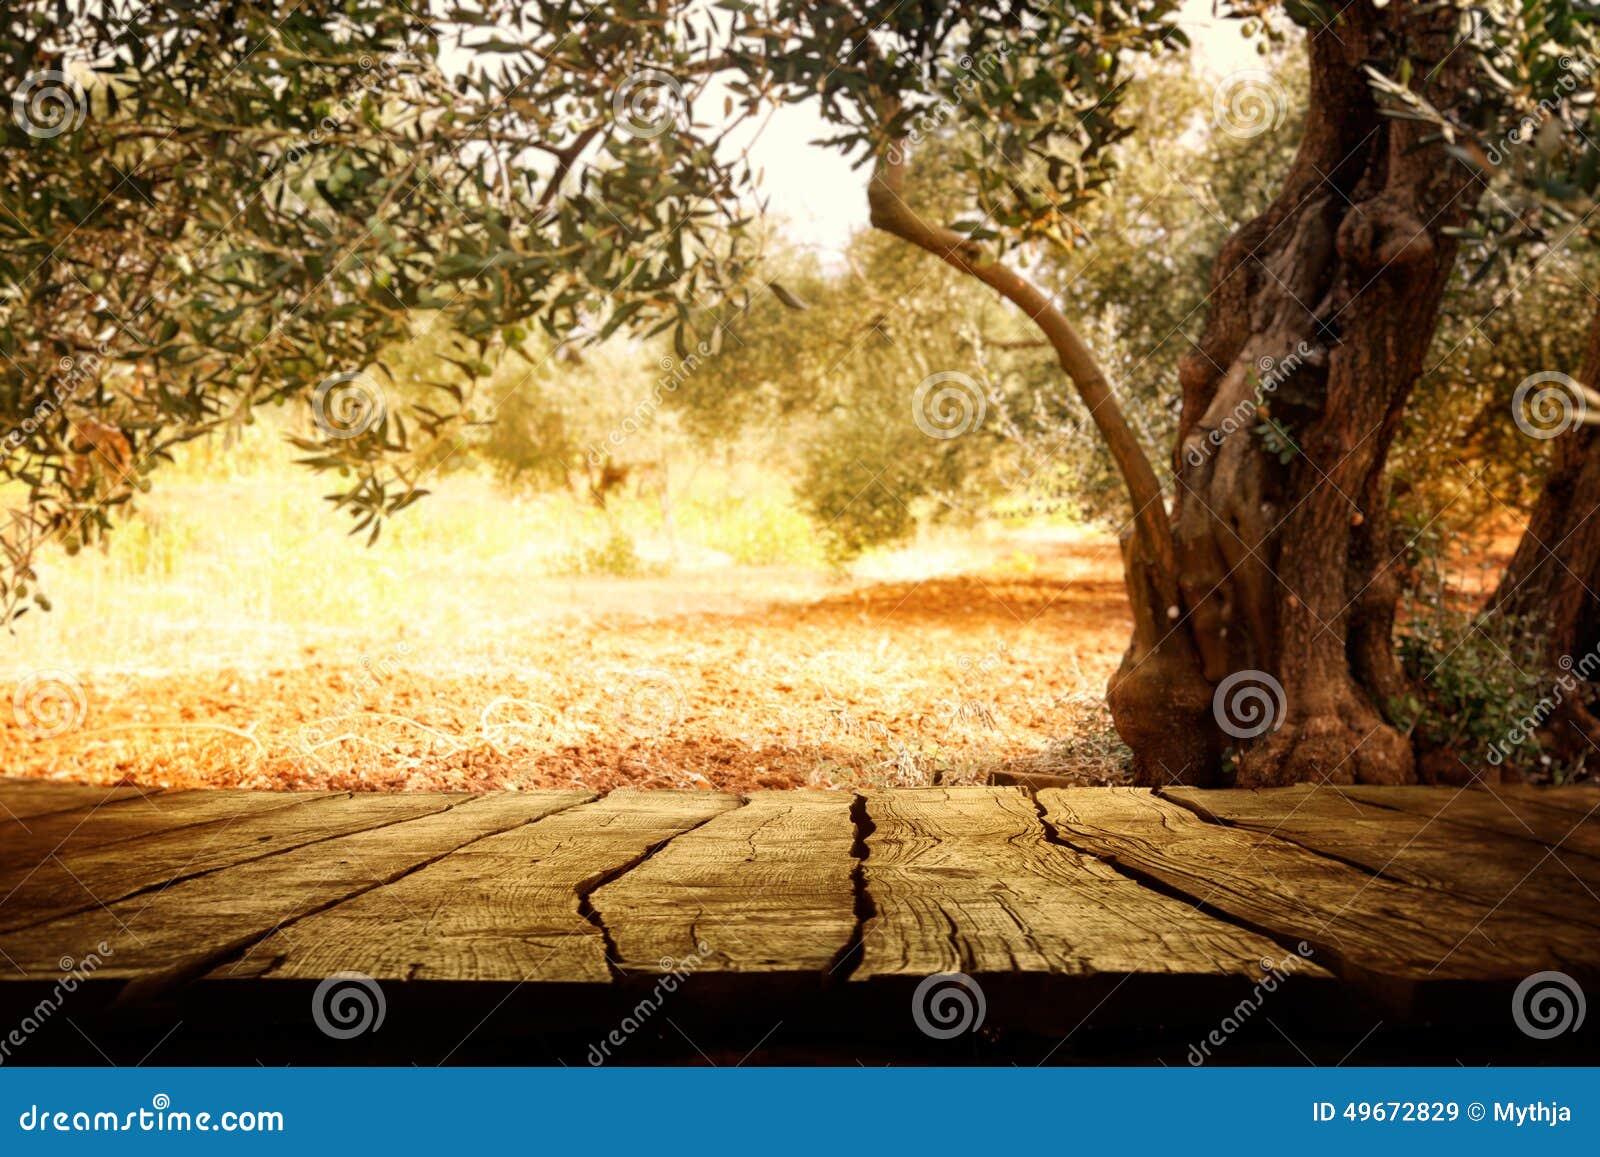 holztisch mit olivenbaum stockfoto bild 49672829. Black Bedroom Furniture Sets. Home Design Ideas